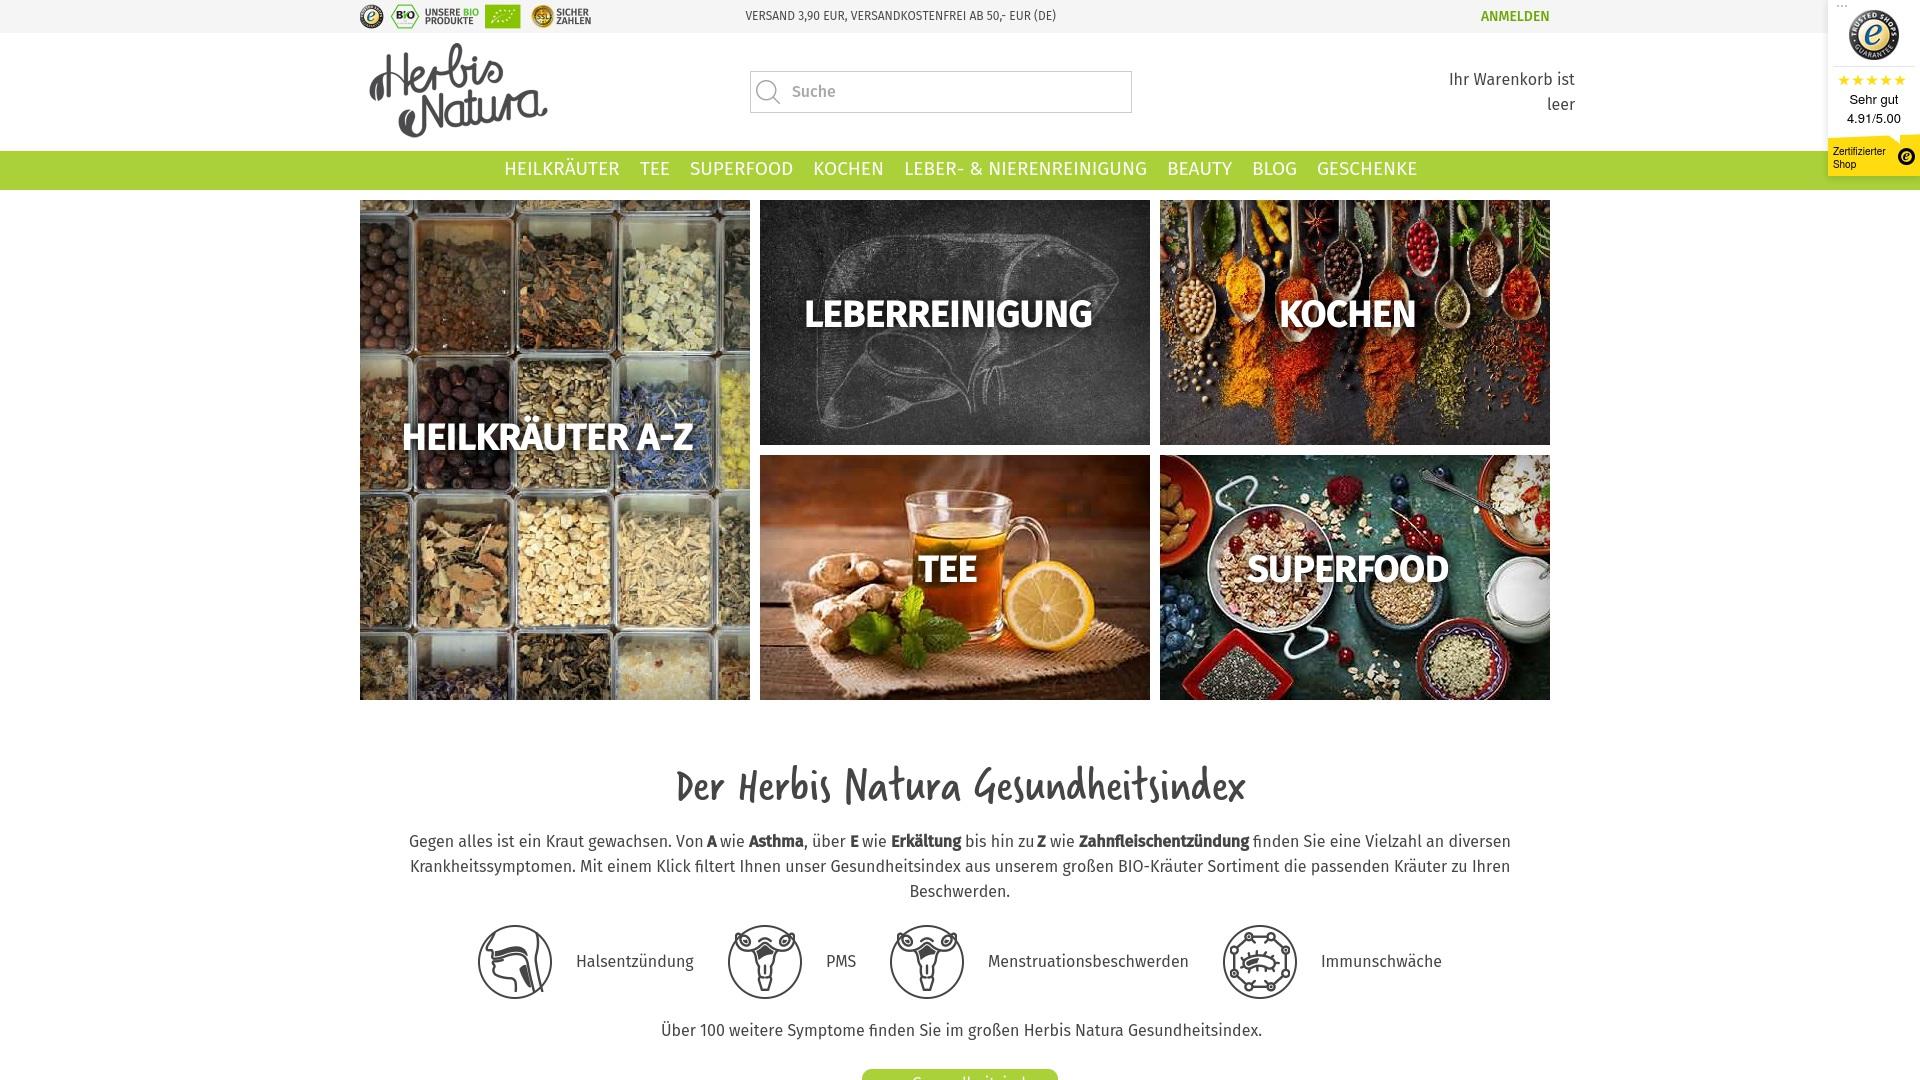 Gutschein für Herbisnatura: Rabatte für  Herbisnatura sichern